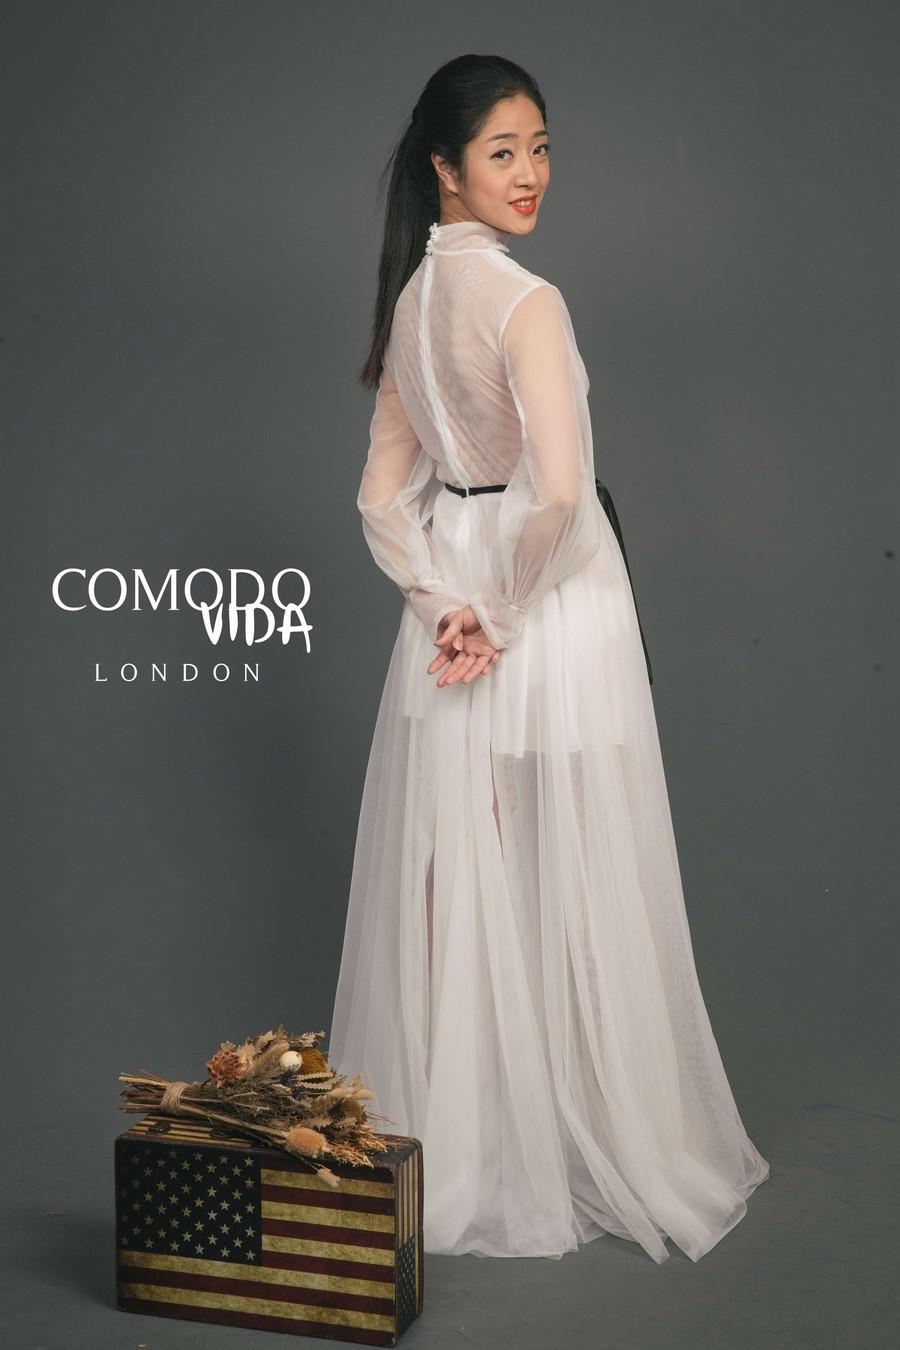 復古輕婚紗,復古婚紗推薦,婚紗品牌,復古婚紗 推薦,手工輕婚紗,輕婚紗洋裝,婚紗款式,復古風婚紗